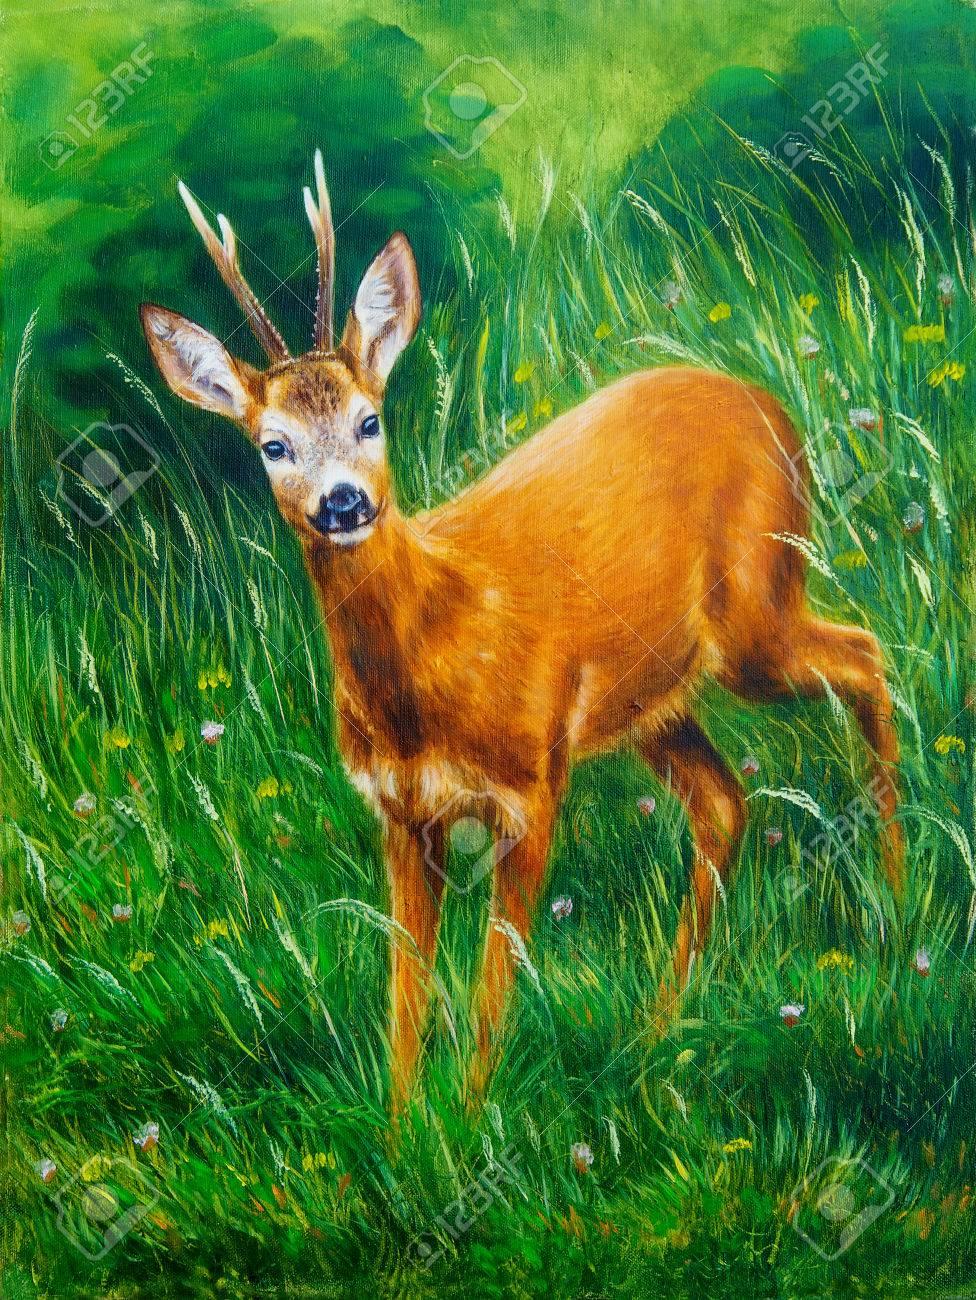 Peinture De Jeunes Cerfs Dans Le Paysage Sauvage Avec Lherbe Haute